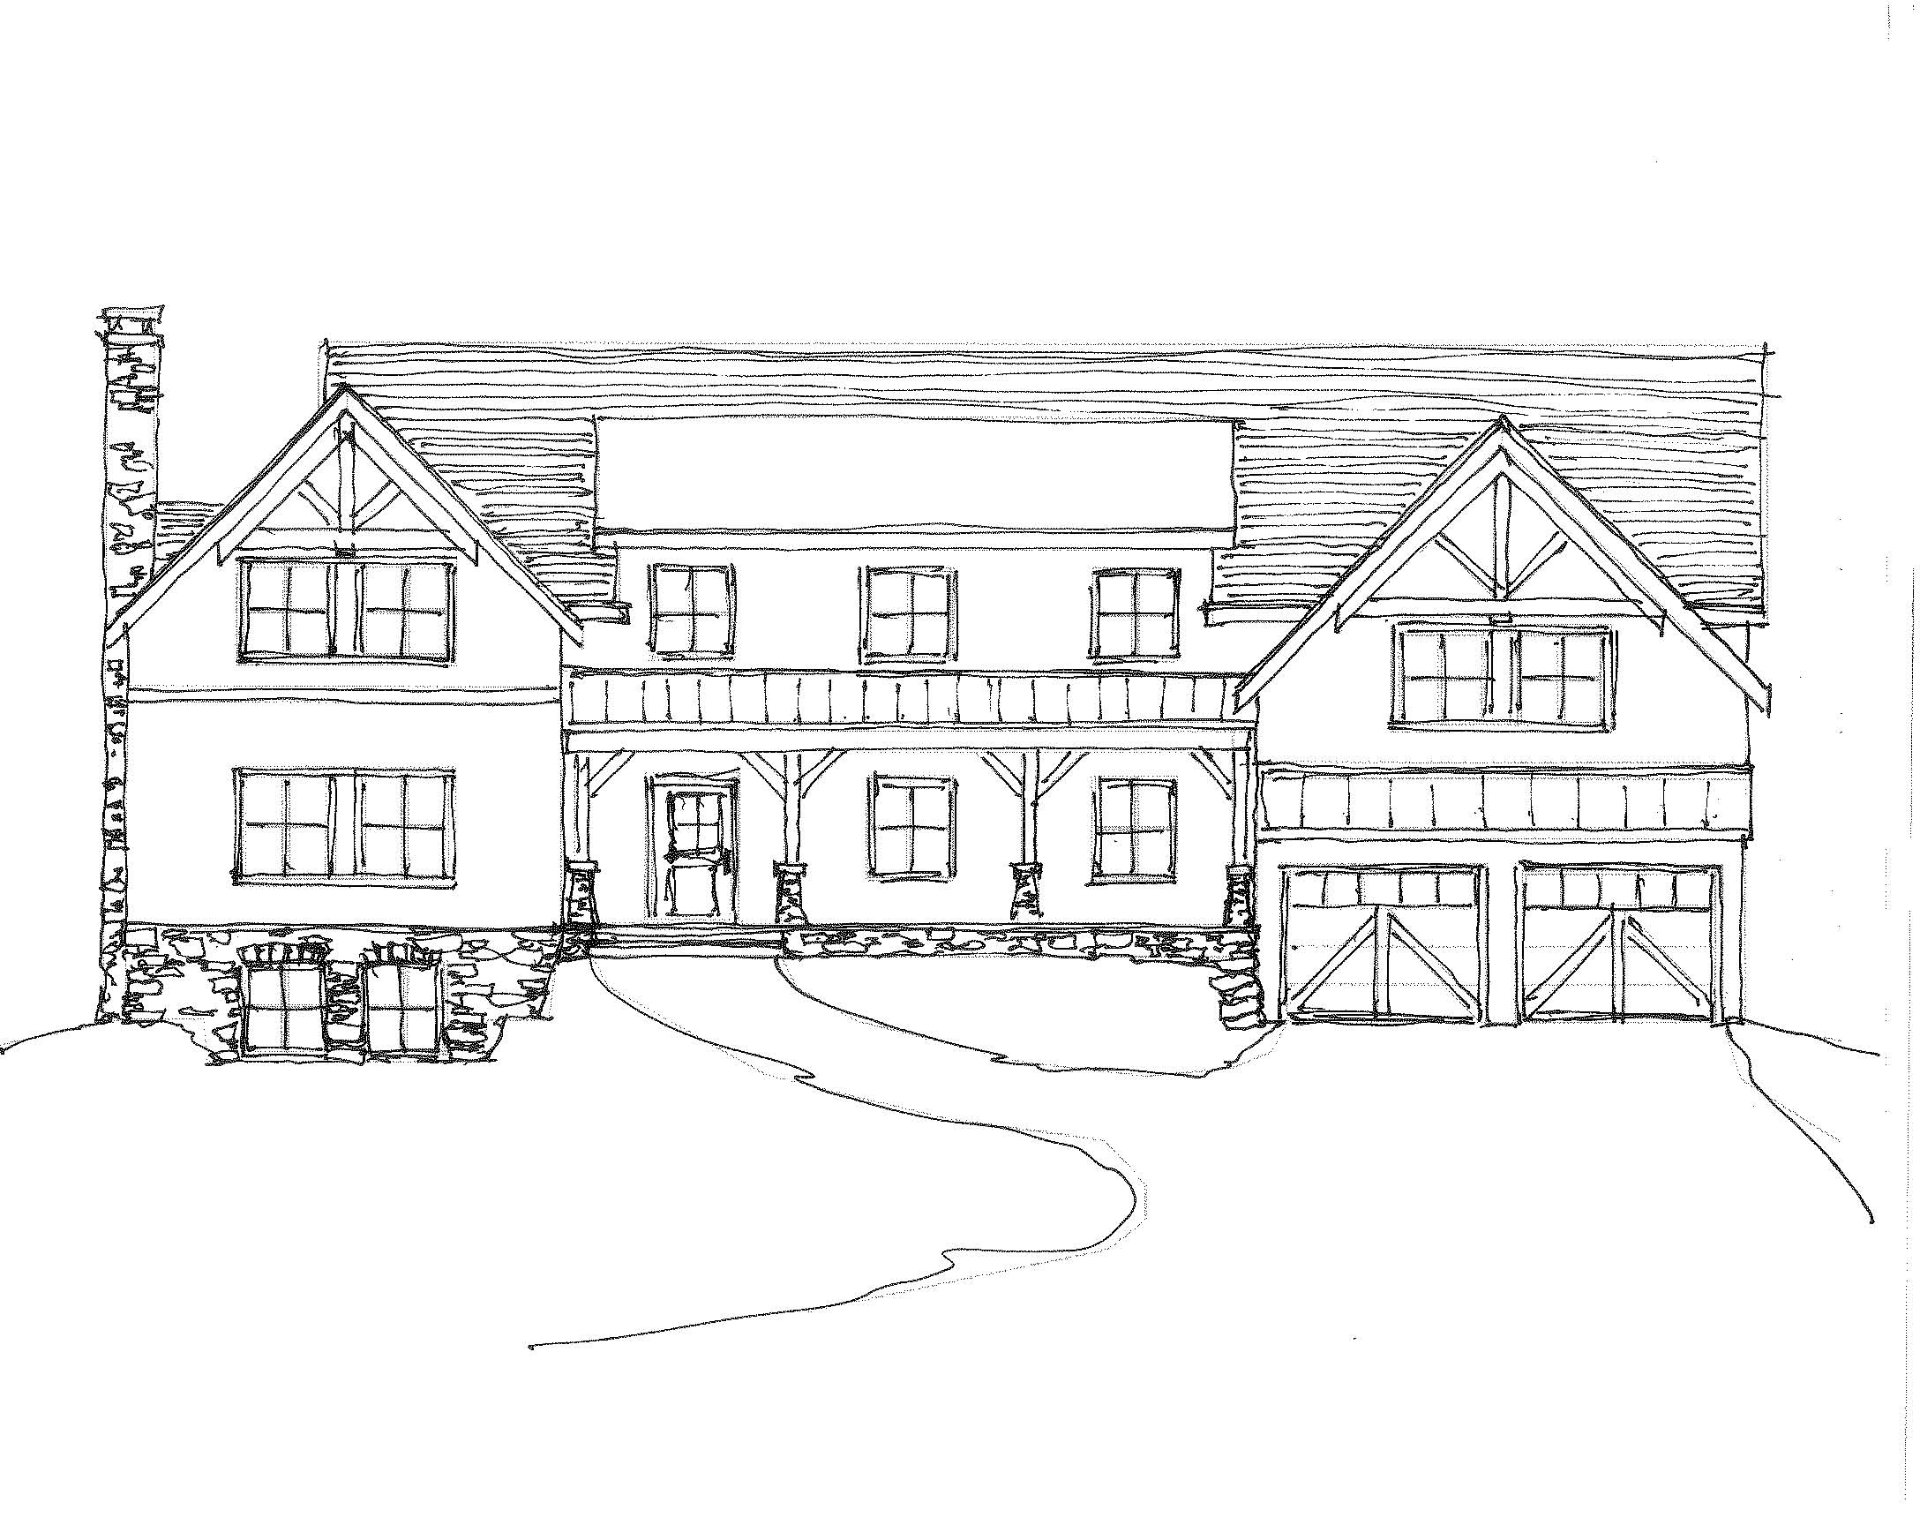 Hand Sketched elevation